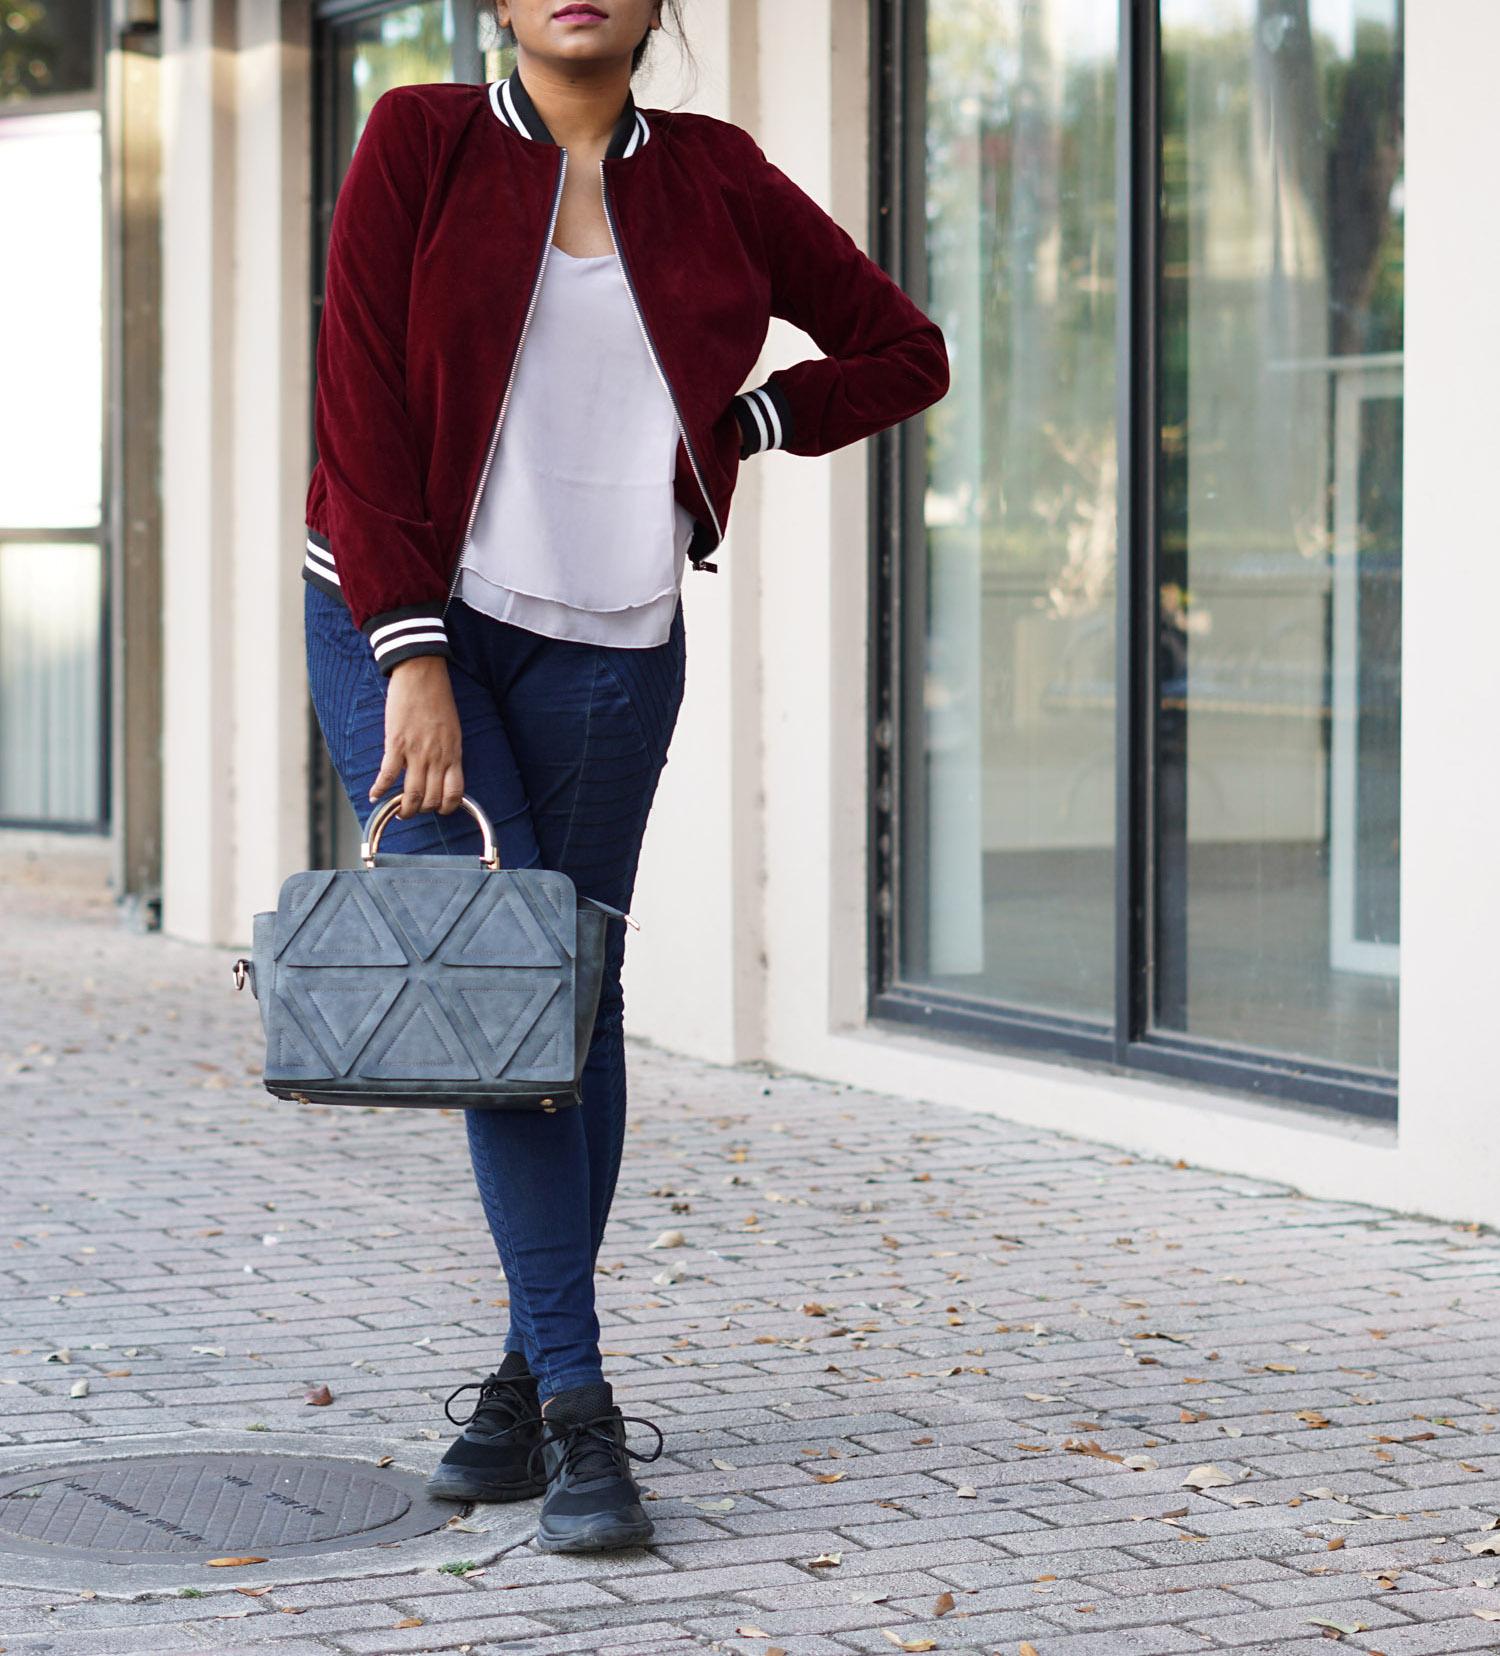 miami-fashion-blogger-bomber-street-style-influencer